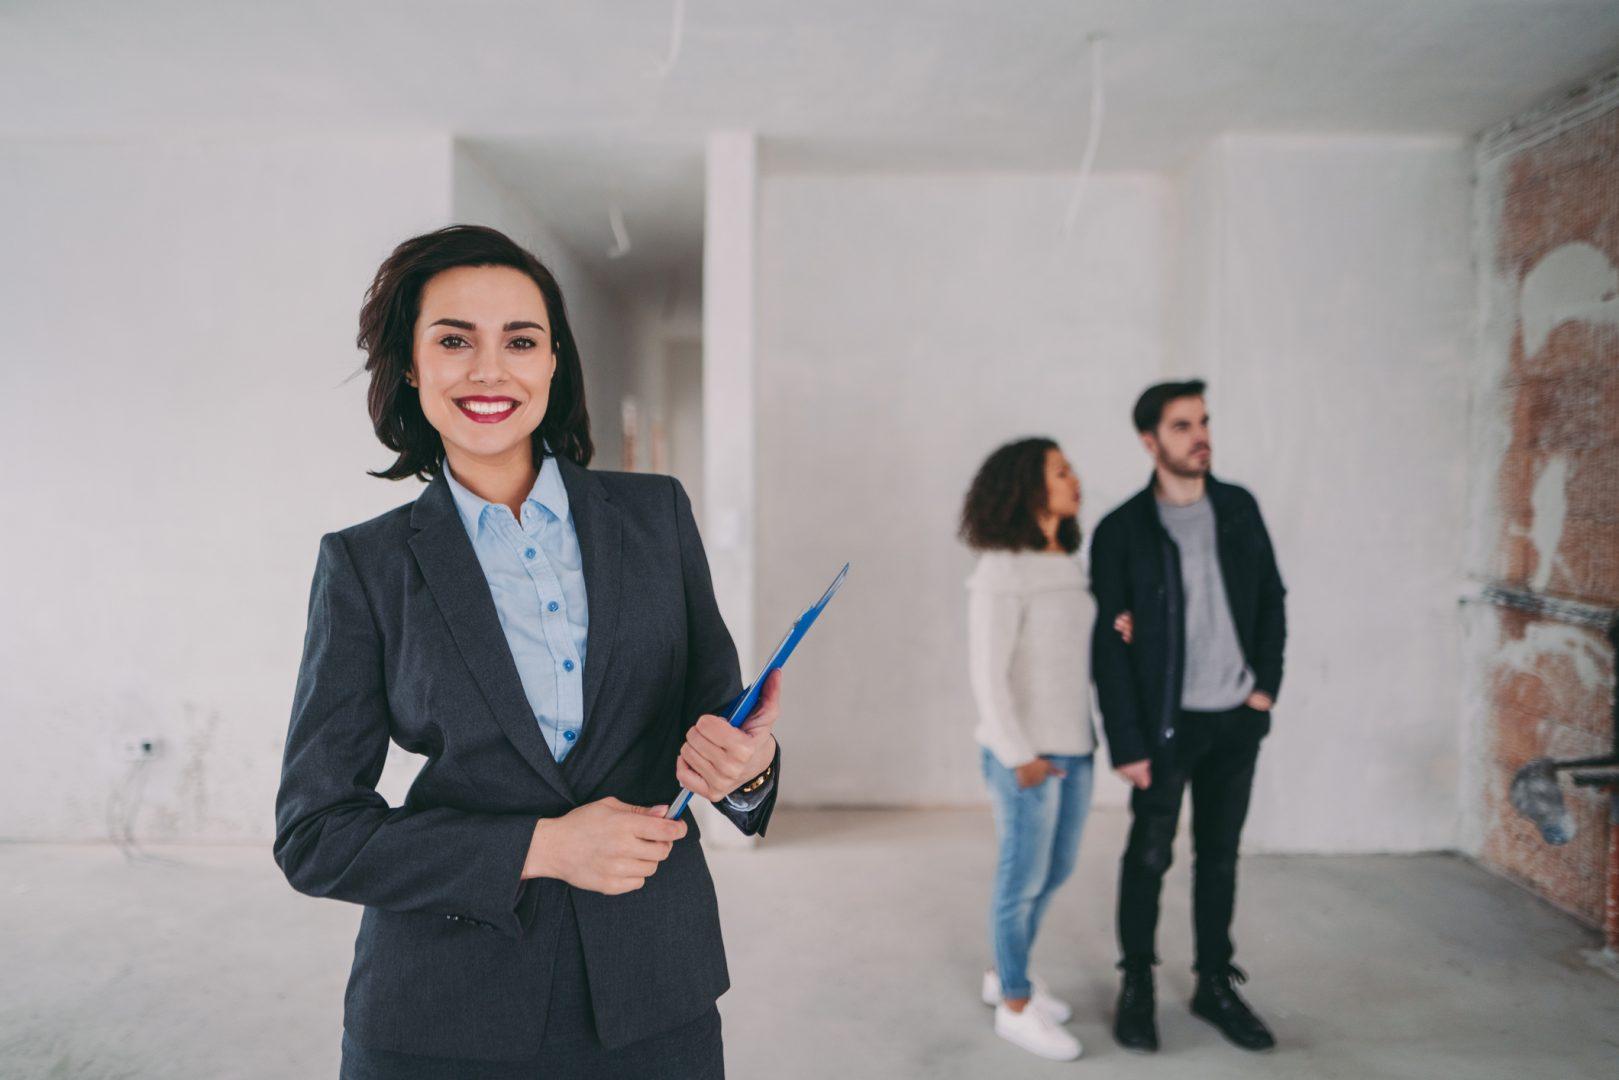 Servizi Per Agenti Immobiliari agenti immobiliari: come scegliere quello giusto